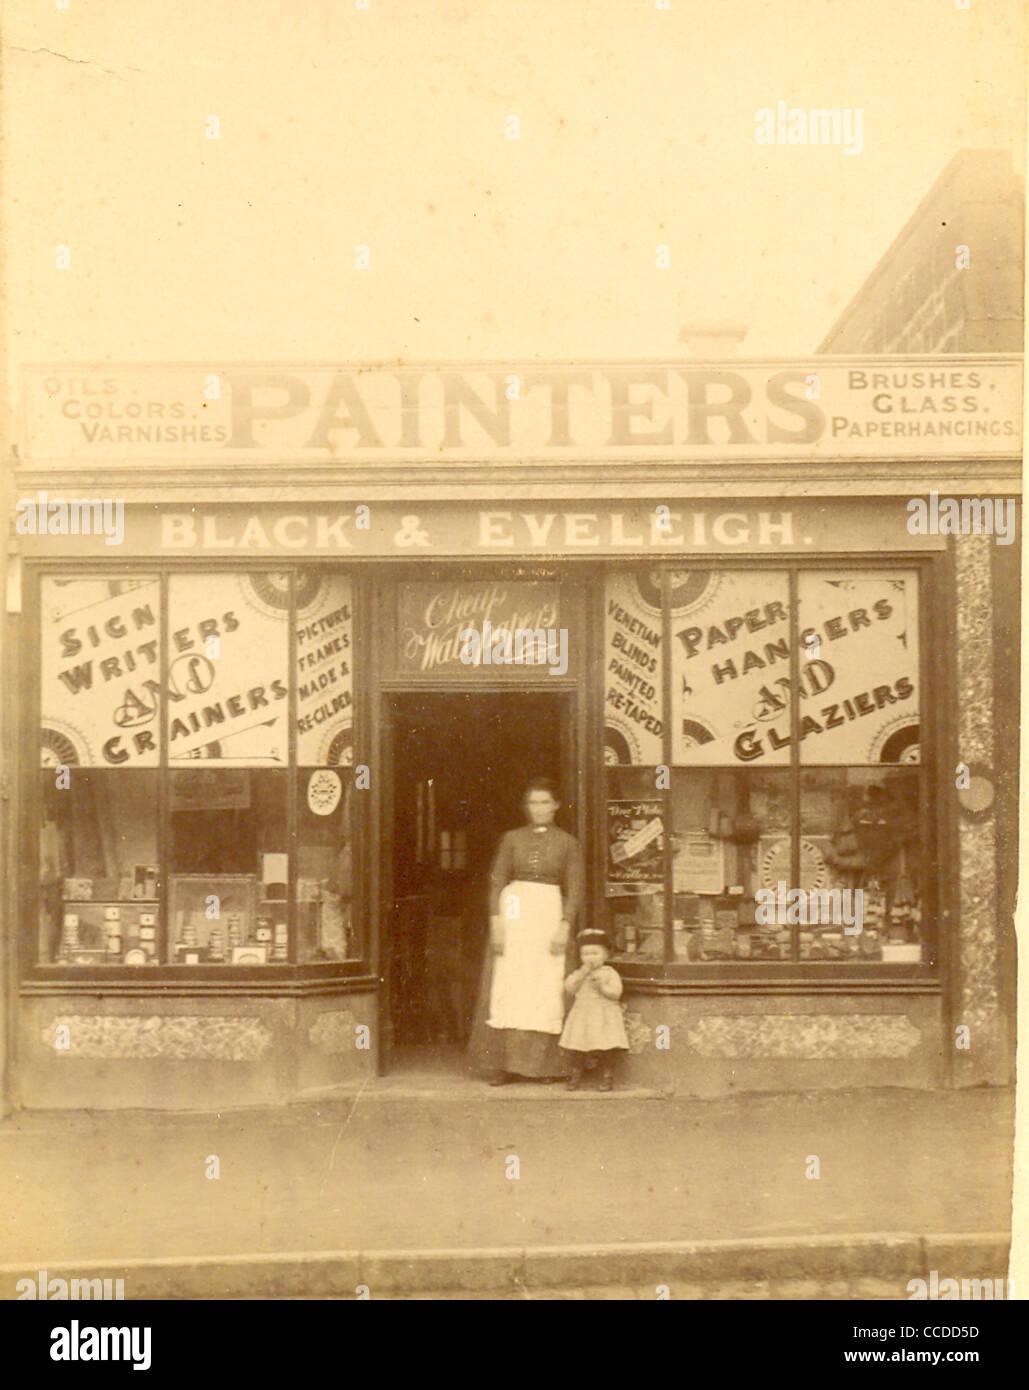 Fotografía del gabinete de signo escritor y pintores shop, Black & Eveleigh Imagen De Stock